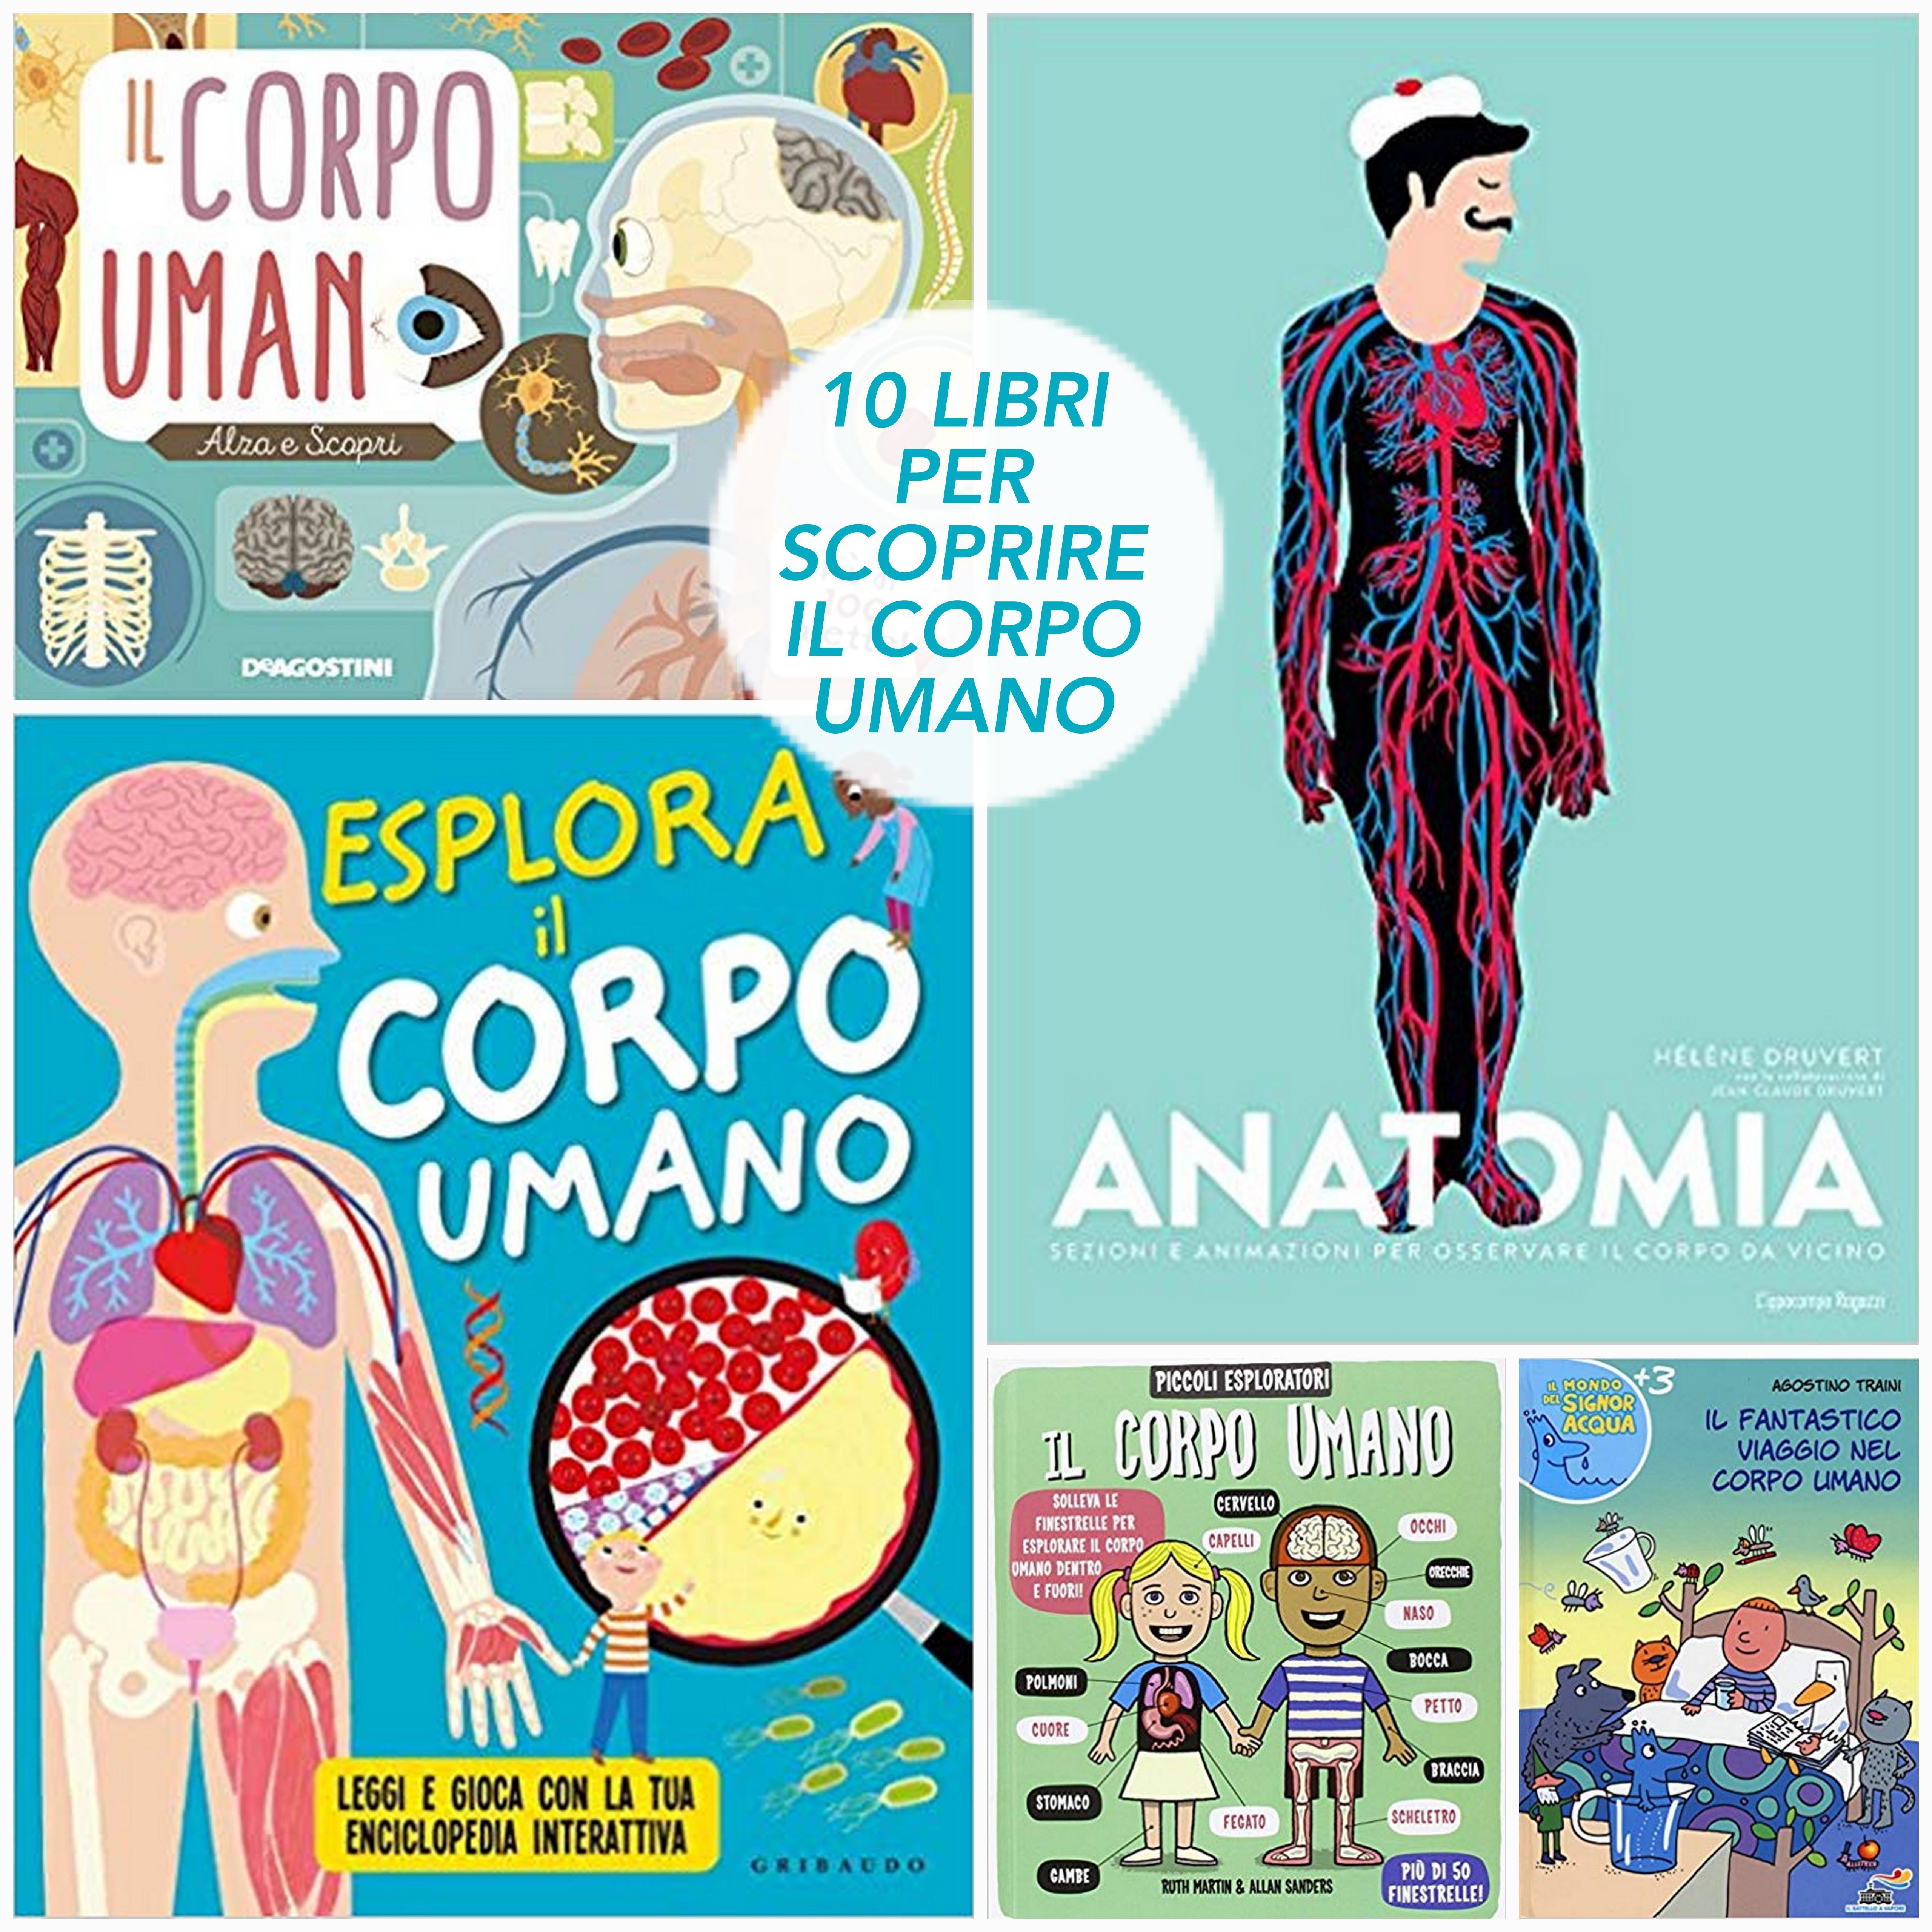 10 libri PER SCOPRIRE IL CORPO UMANO